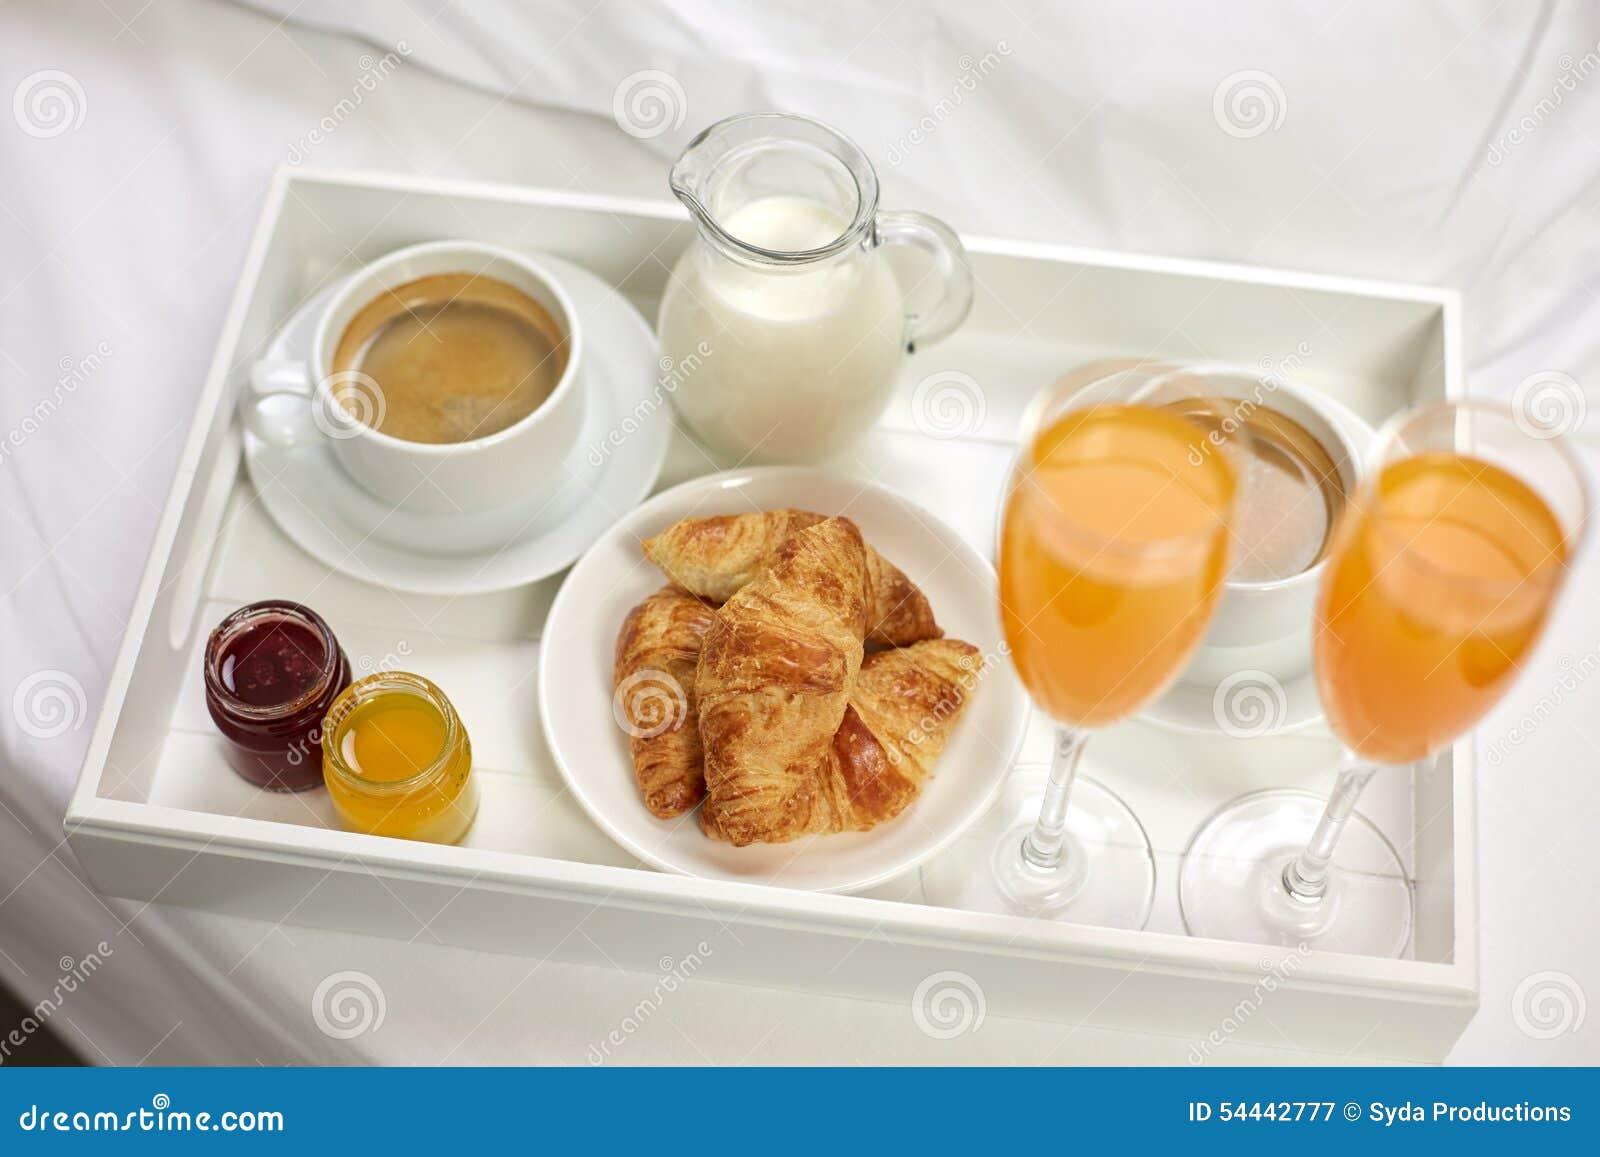 Ci rrese para arriba del desayuno en la bandeja en cama foto de archivo imagen 54442777 - Bandeja desayuno cama ...